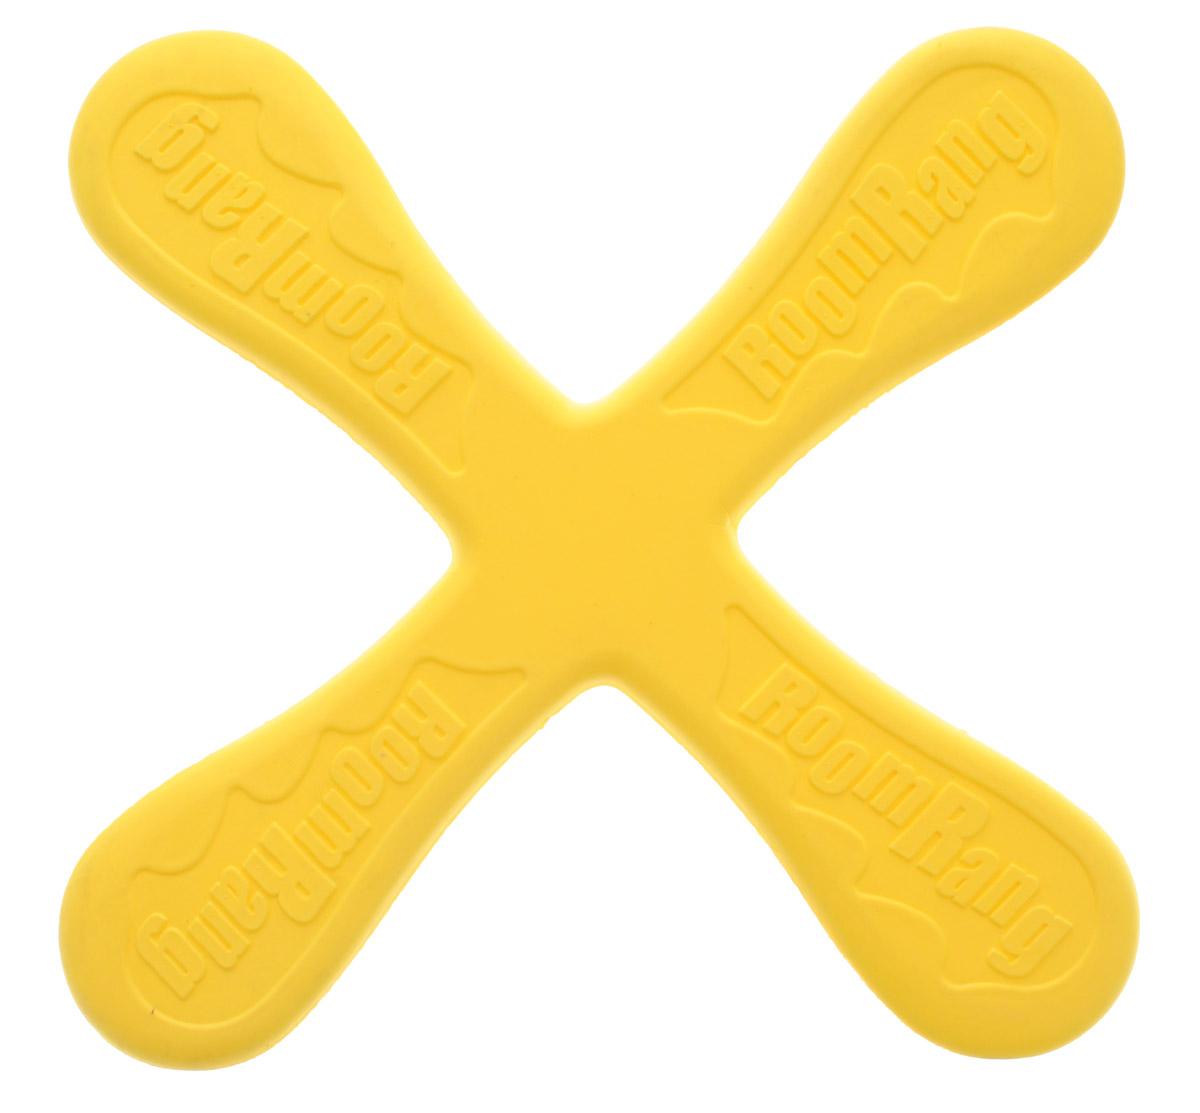 Zilmer Бумеранг Веселый ветер цвет желтыйZIL1810-011_жёлтыйЭффектное игровое представление обеспечит приобретение яркого бумеранга Zilmer Веселый ветер. Игрушка идеально подходит для активных игр дома, на улице, на пляже, а также во время семейного отдыха на природе. Детишки будут с удовольствием бросать бумеранг, наслаждаясь зрелищем полета и ловить его, когда он опишет круг. Бумеранг Zilmer Веселый ветер благоприятно влияет на развитие ловкости и координации движений, меткости и мелкой моторики. Изделие легко очищается от внешних загрязнений, выполнено из прочного, мягкого на ощупь и совершенно безопасного для игр материала.